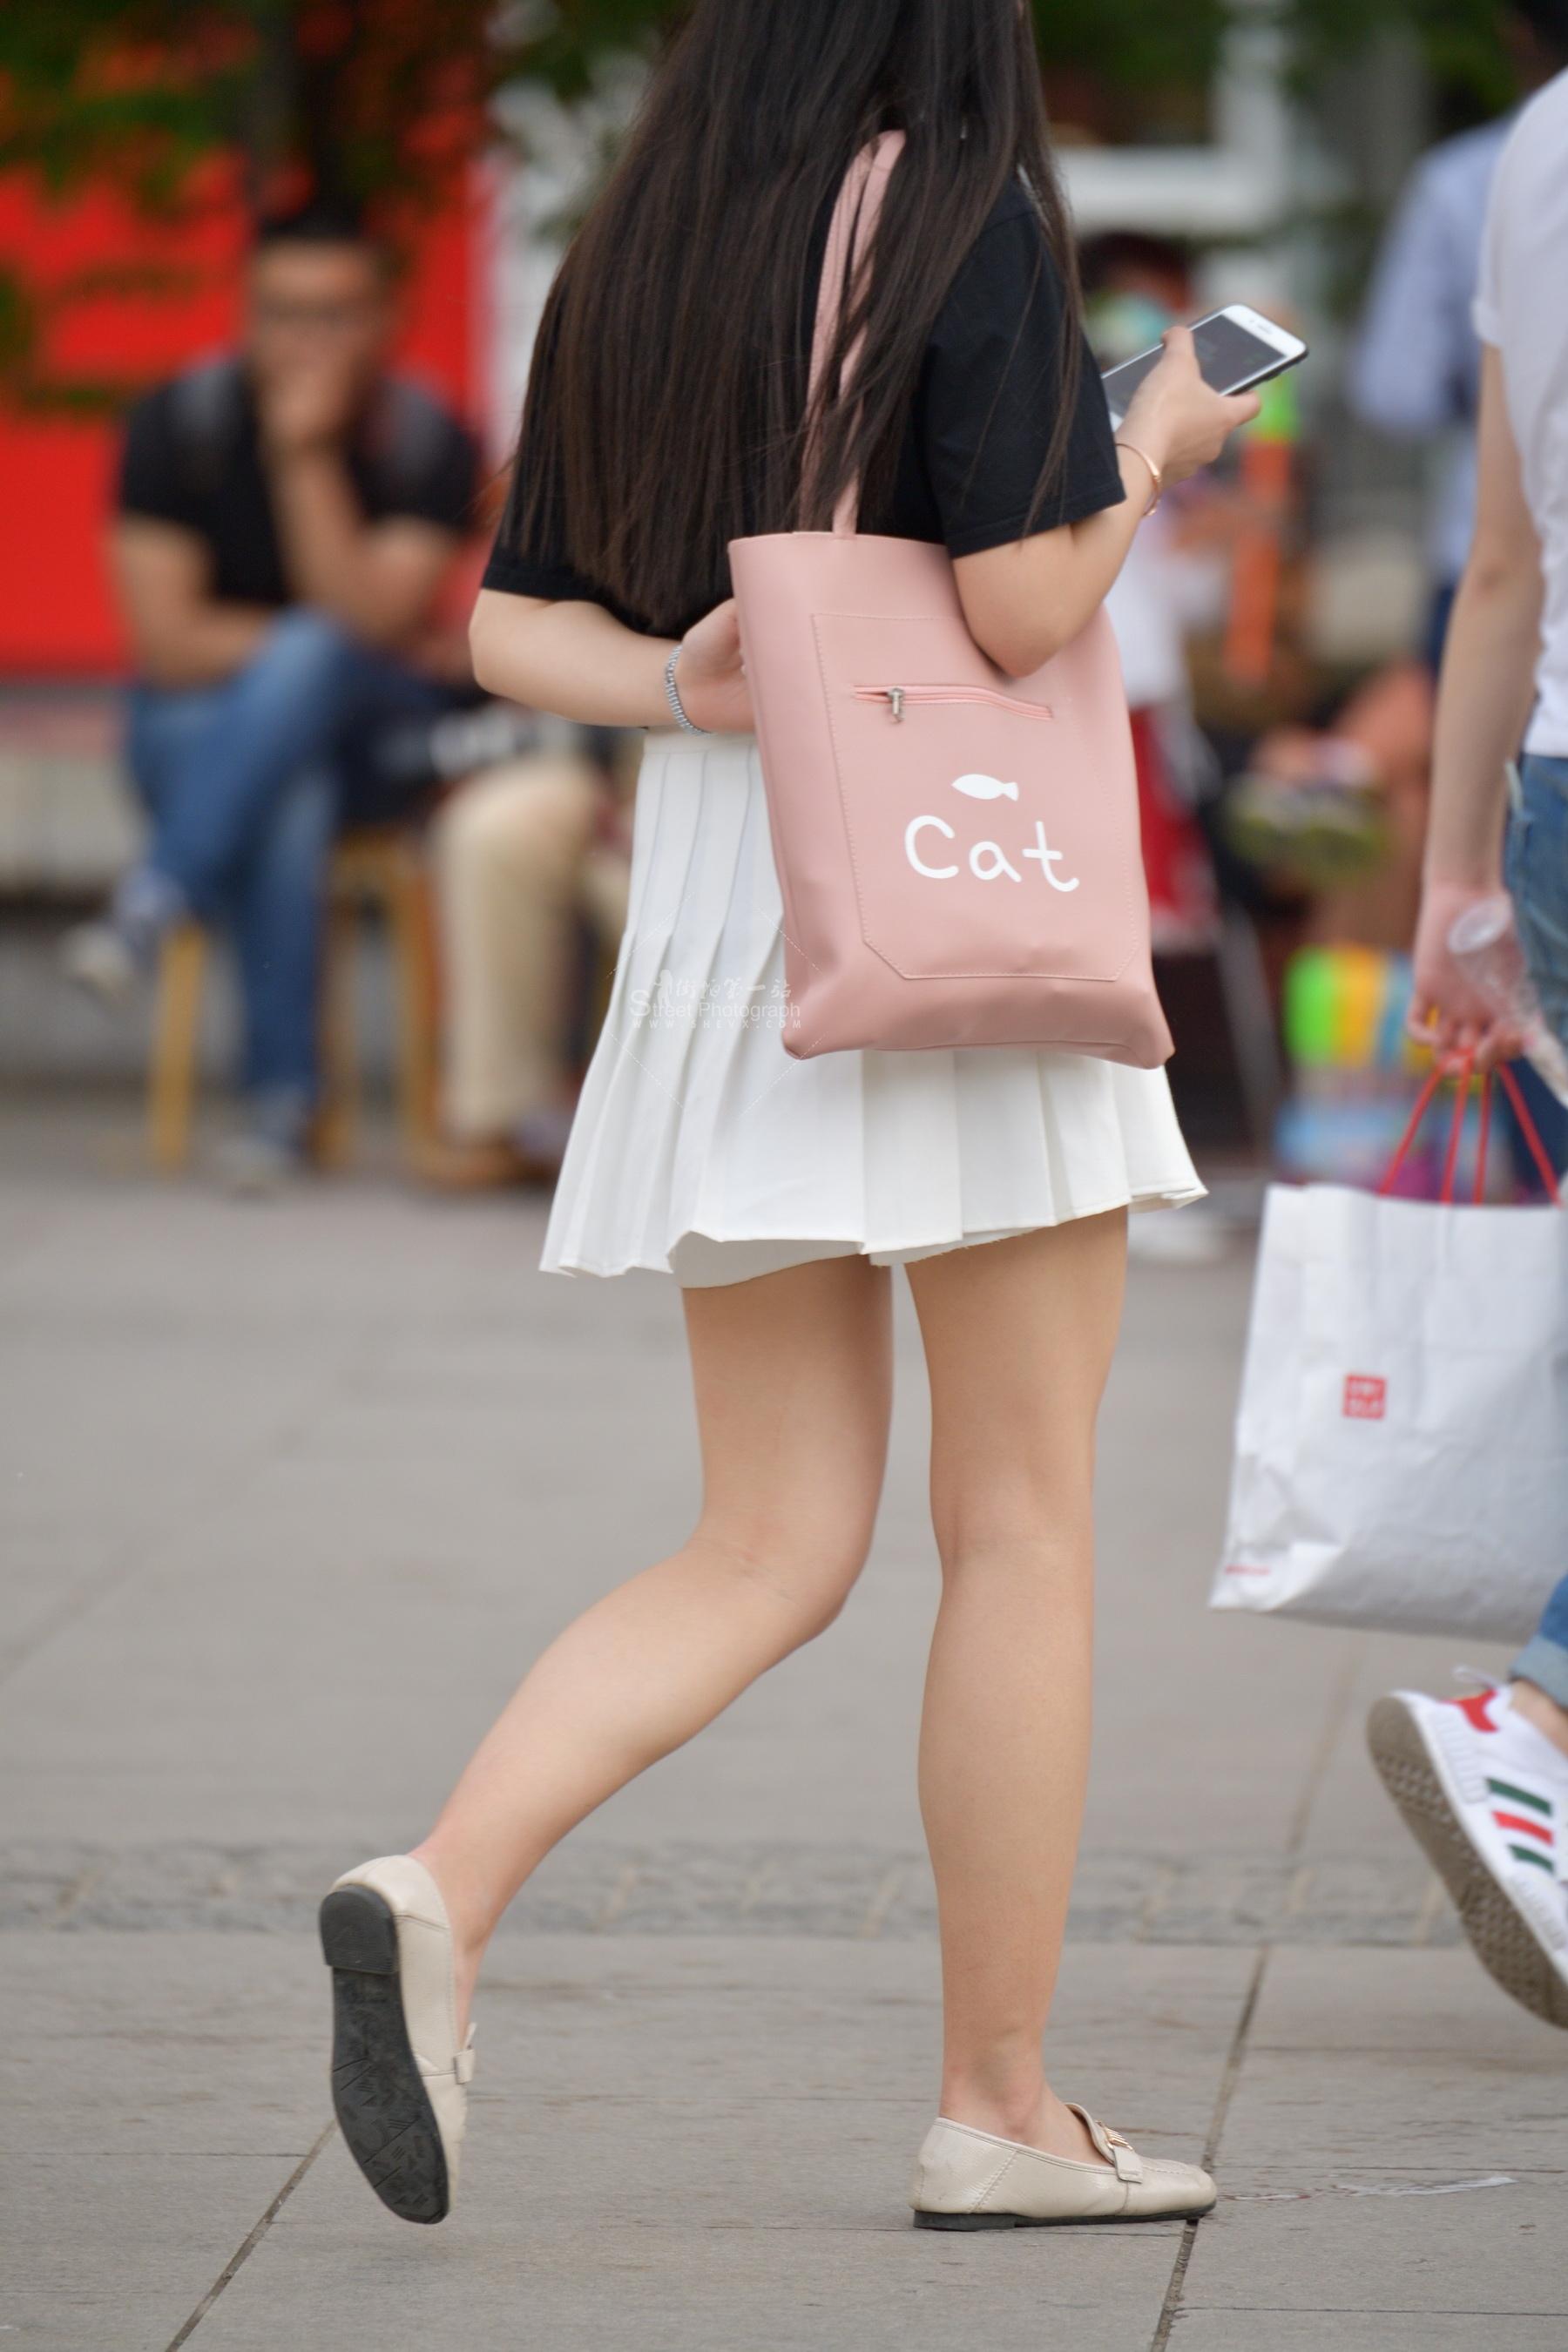 粉色平底 街拍美女图片发布 街拍丝袜第一站